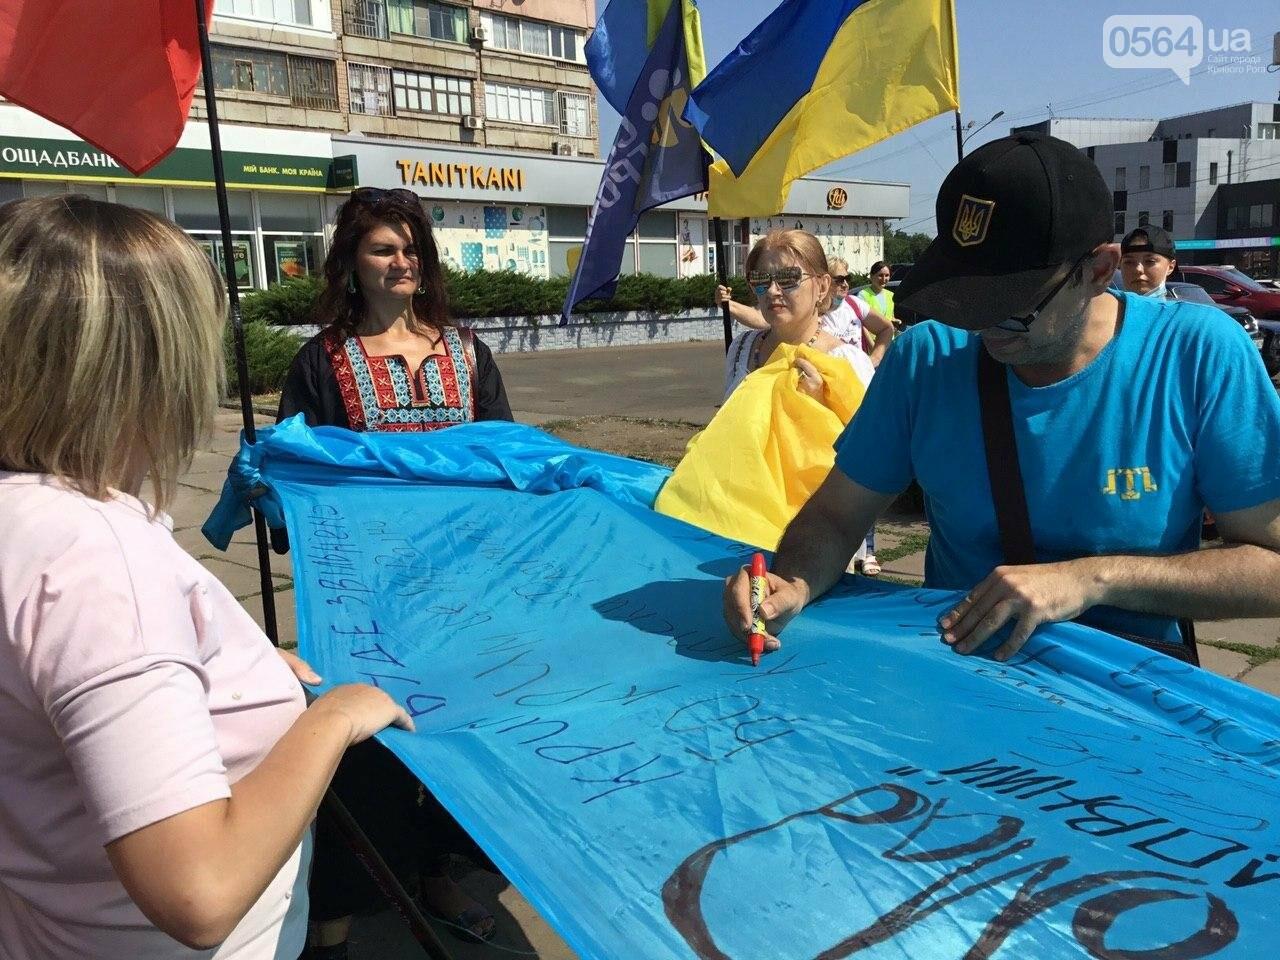 """""""Українці - брати, Разом ми - сила!"""", - какие пожелания и призывы написали криворожане на Знамени Единства, - ФОТО, ВИДЕО, фото-22"""